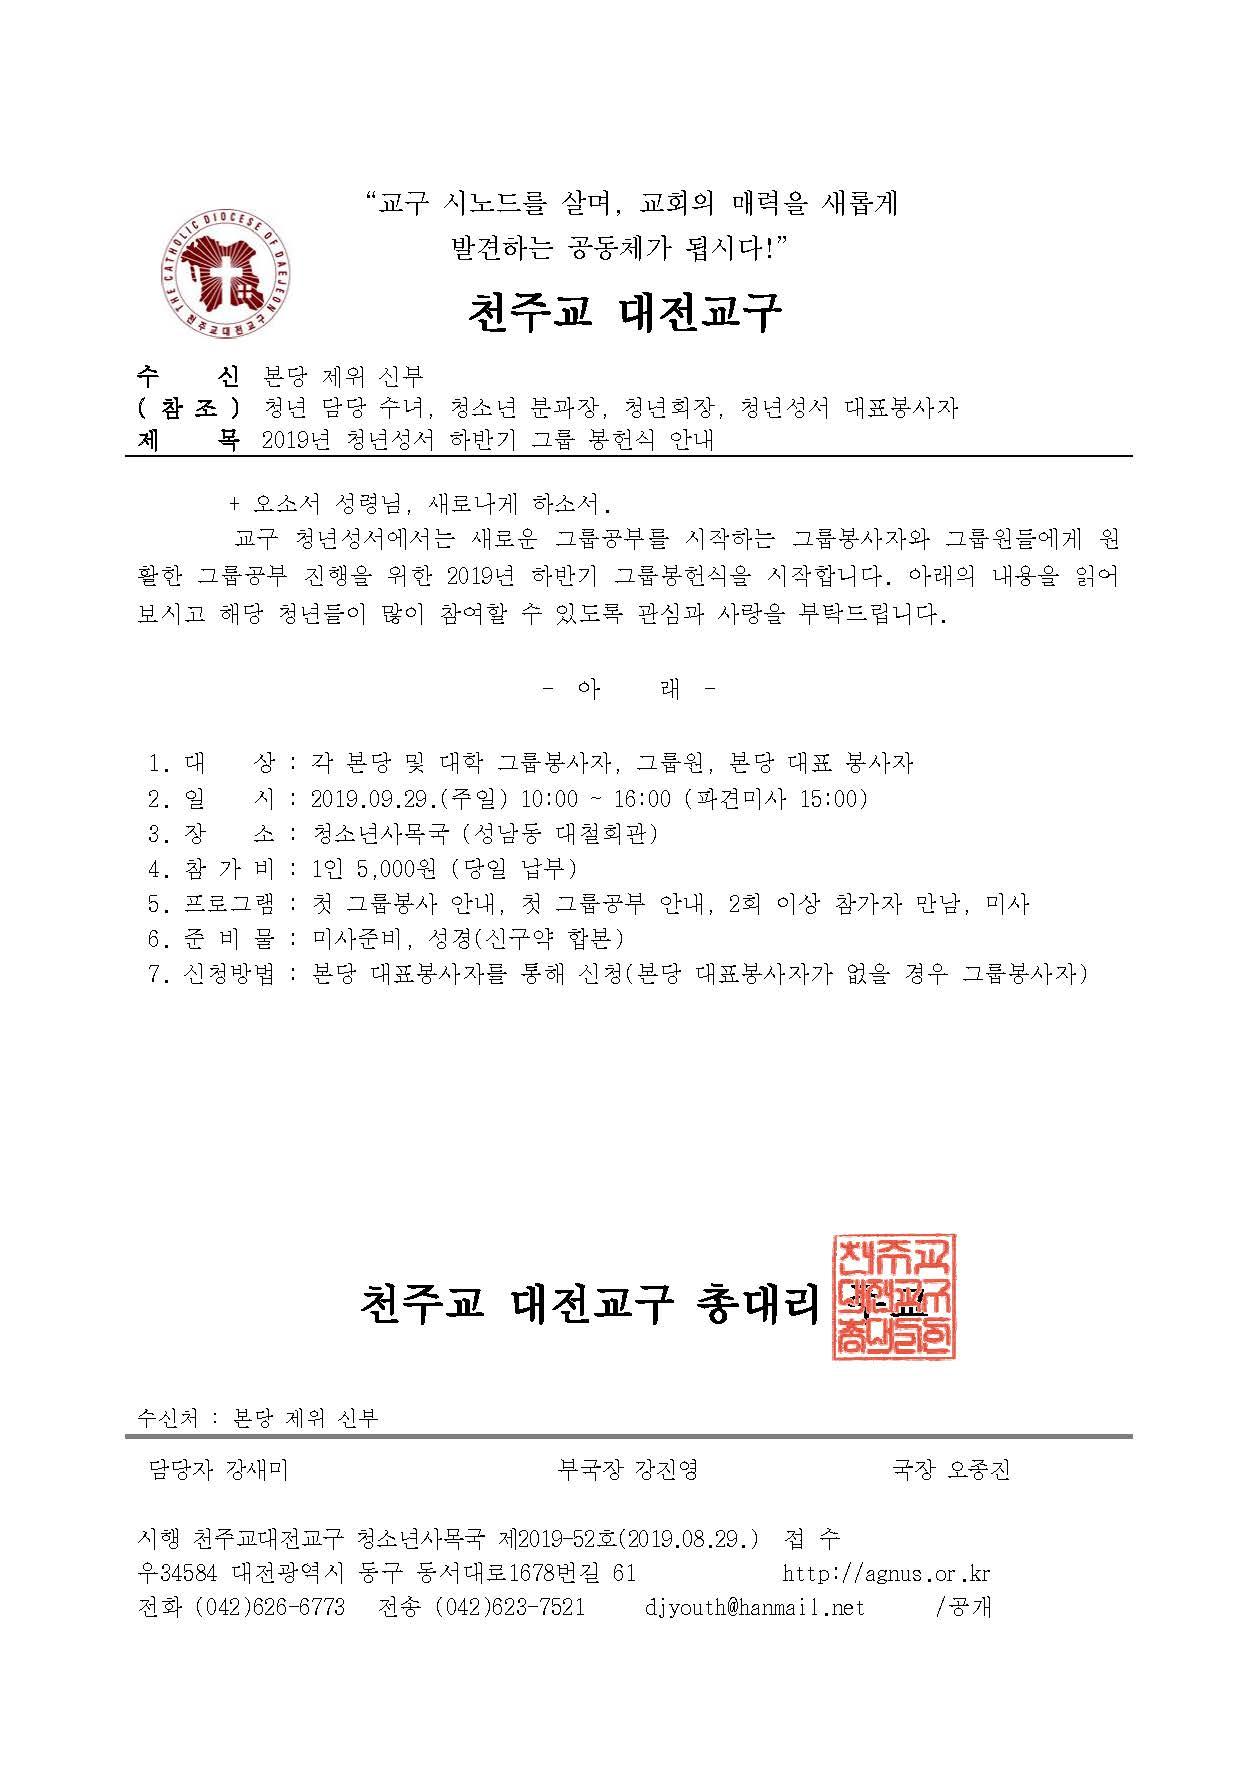 2019-52 2019년 하반기 그룹봉헌식 안내.jpg